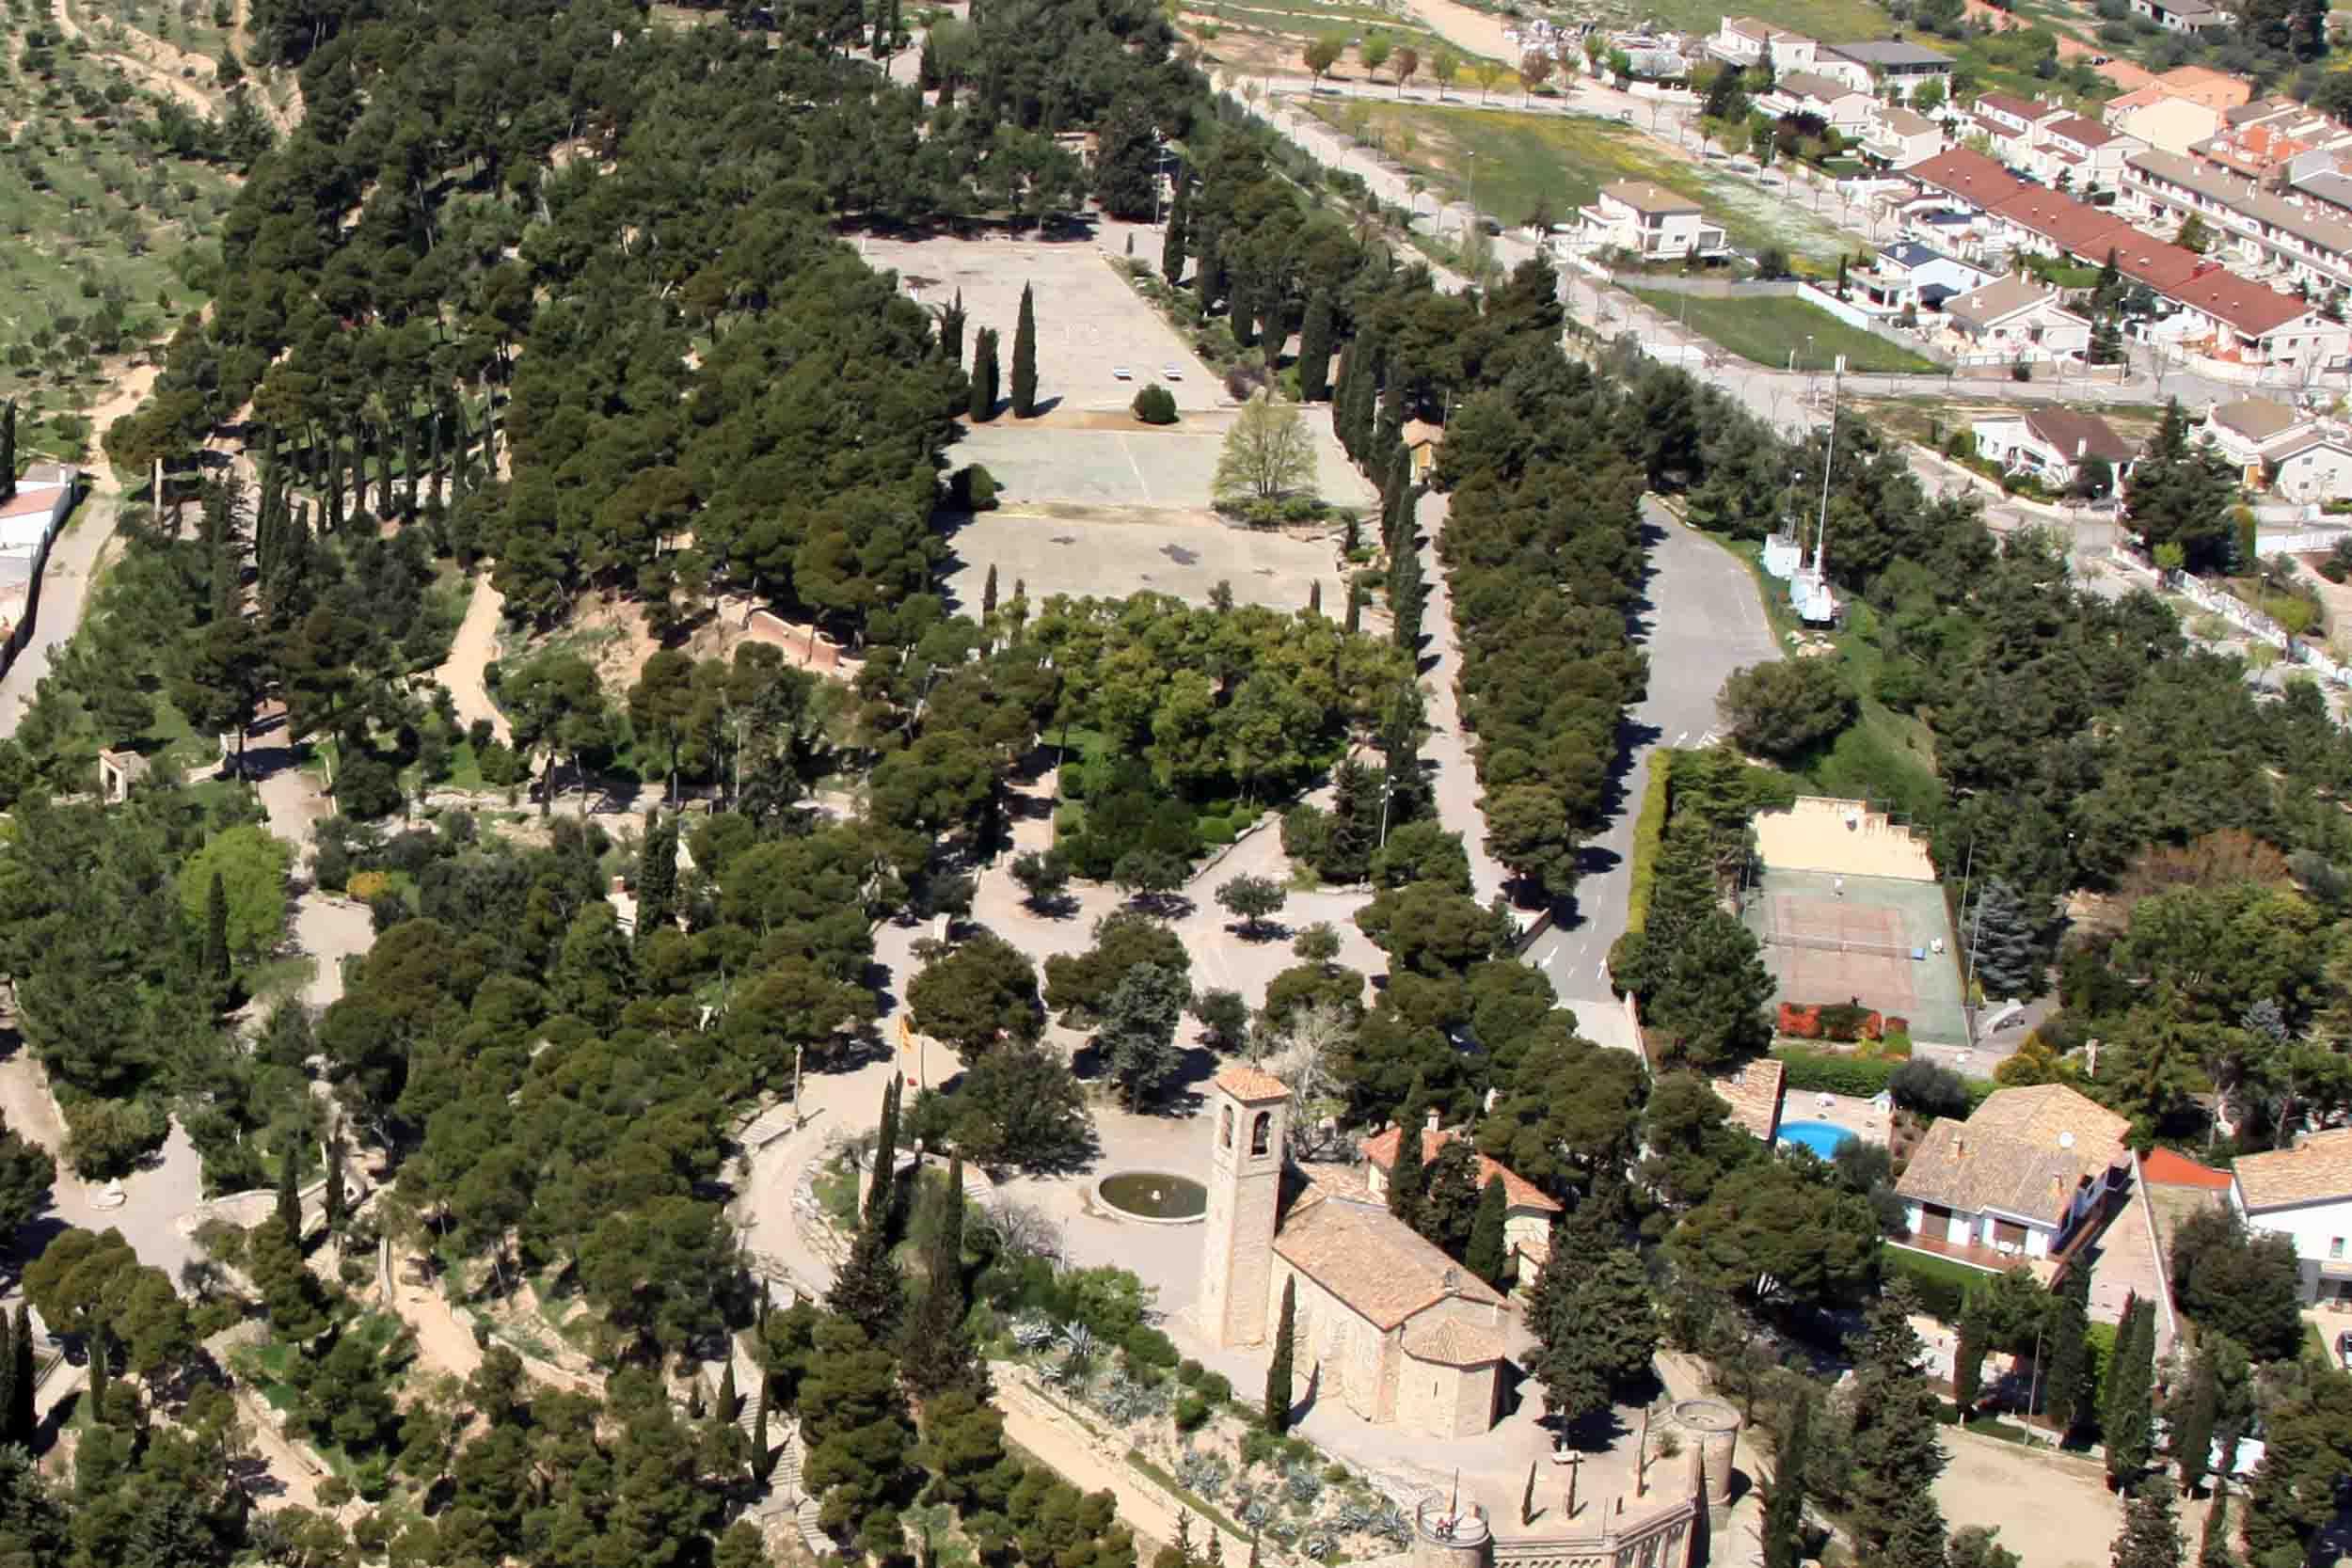 L'Ajuntament de Tàrrega aprova un projecte per reparar filtracions en un dels dipòsits de subministrament d'aigua de boca